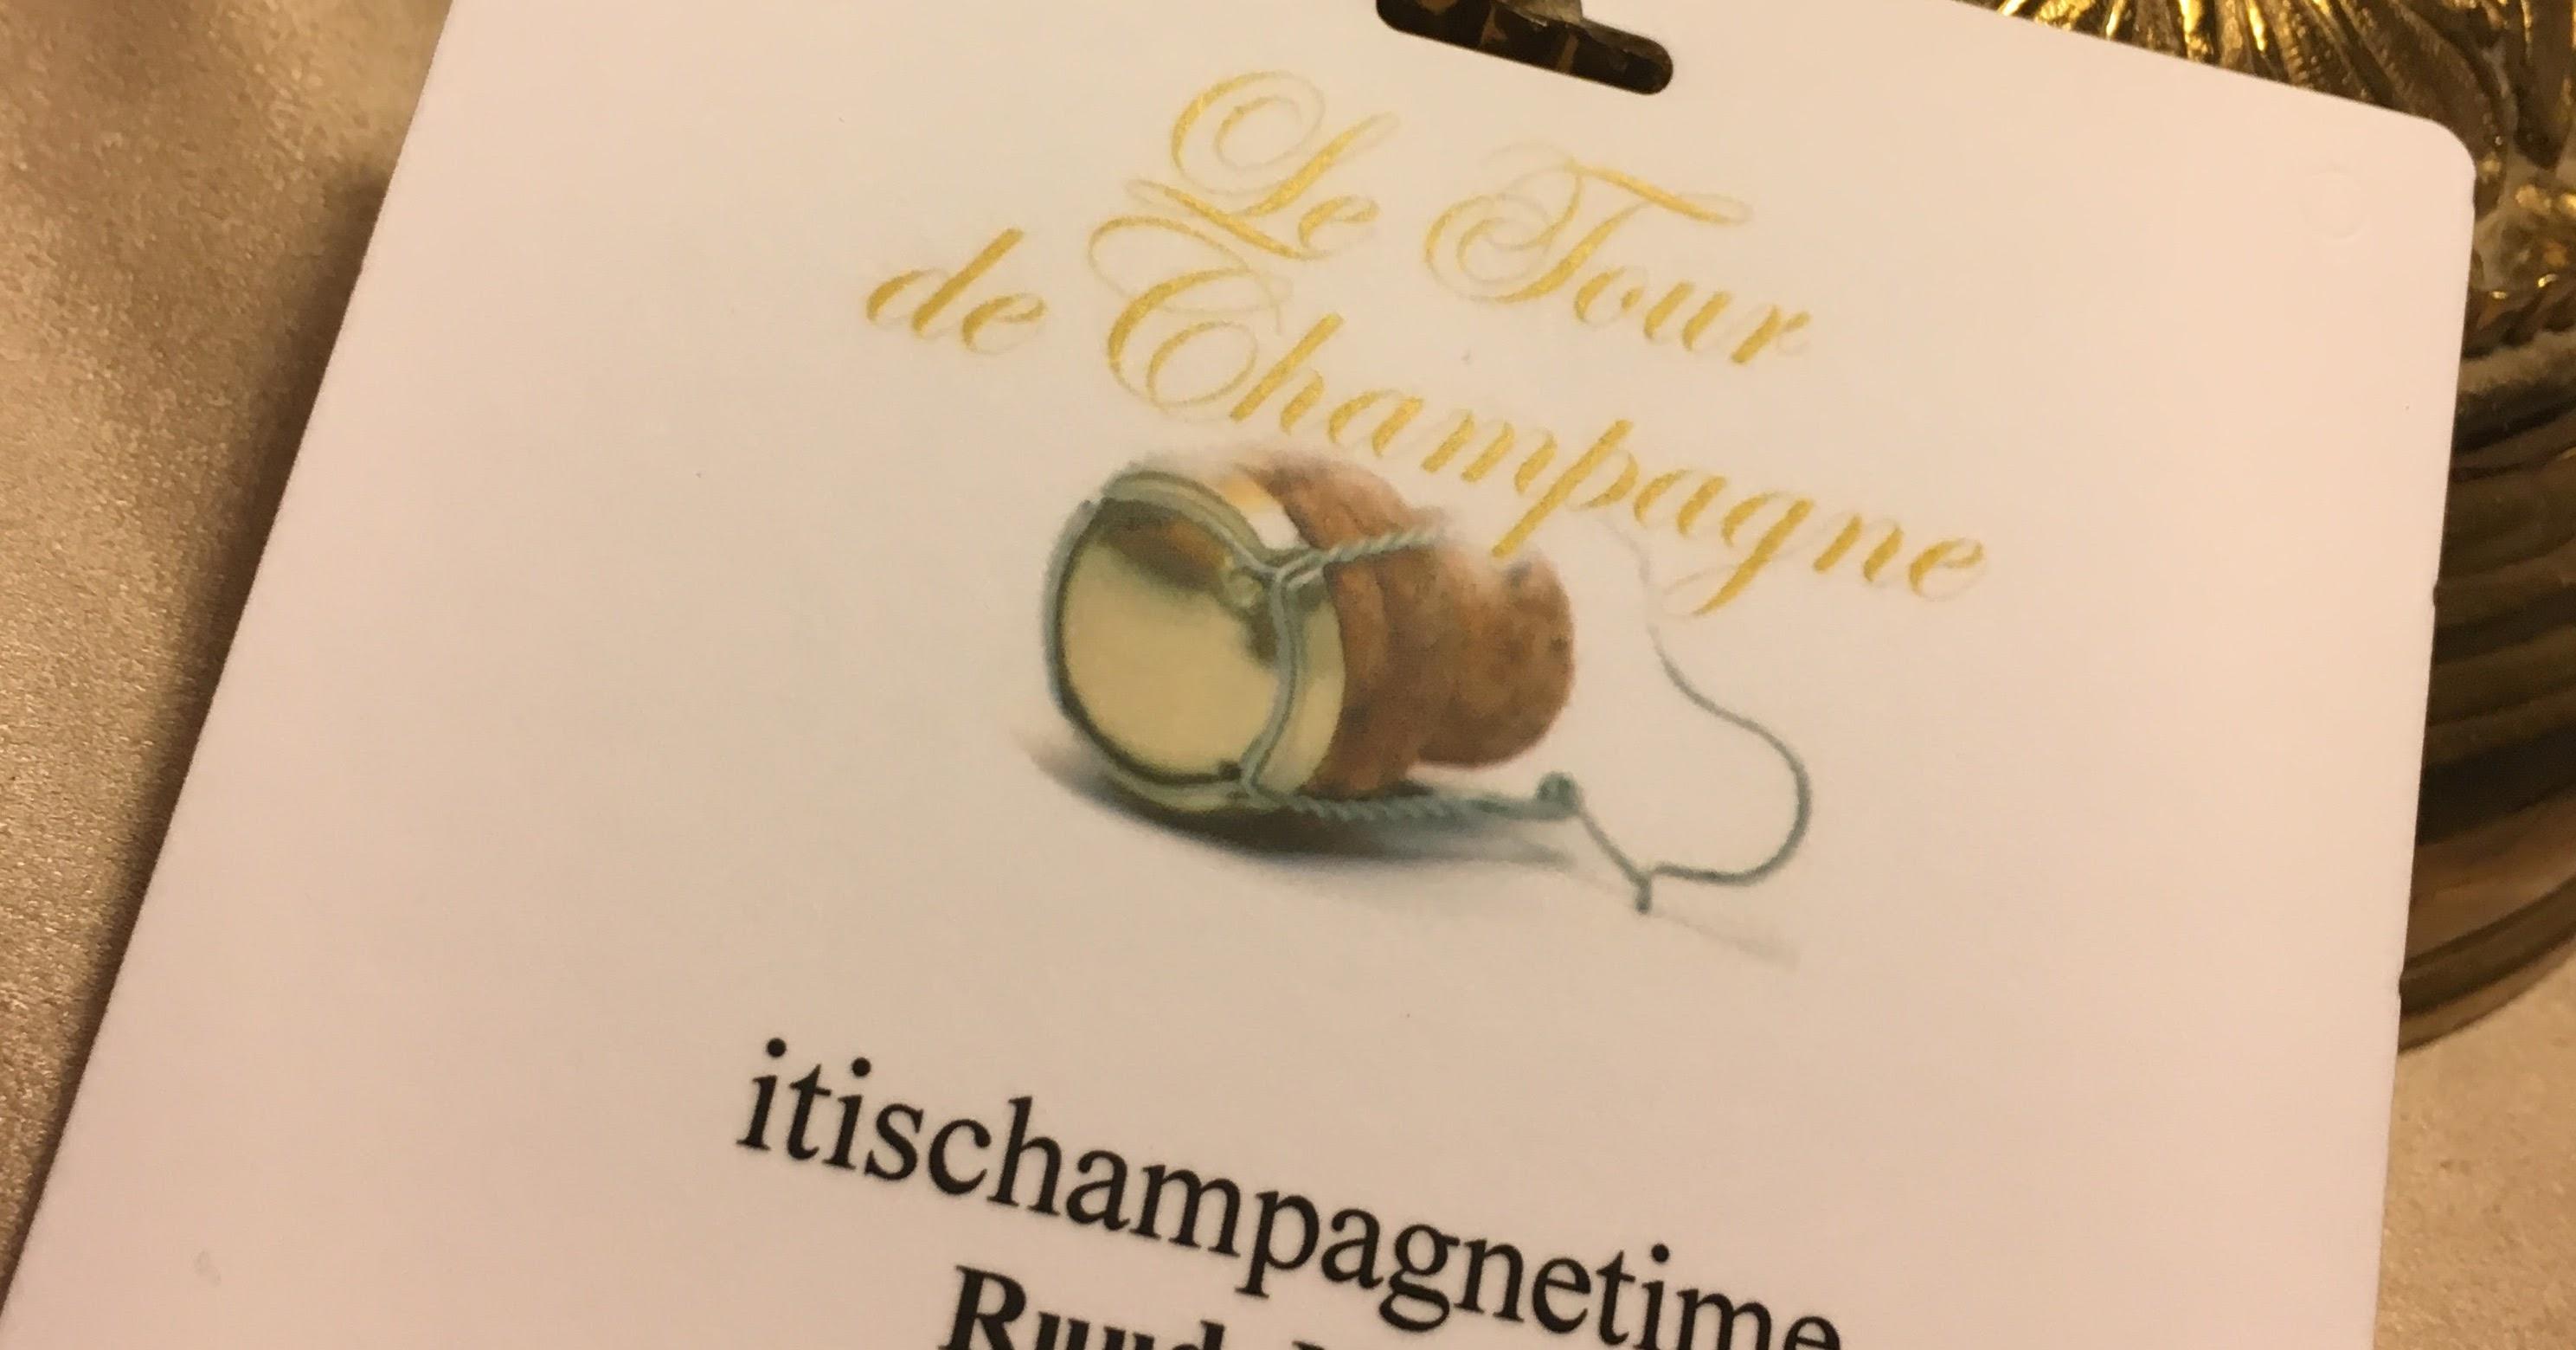 Proeven op niveau? Le Tour de Champagne